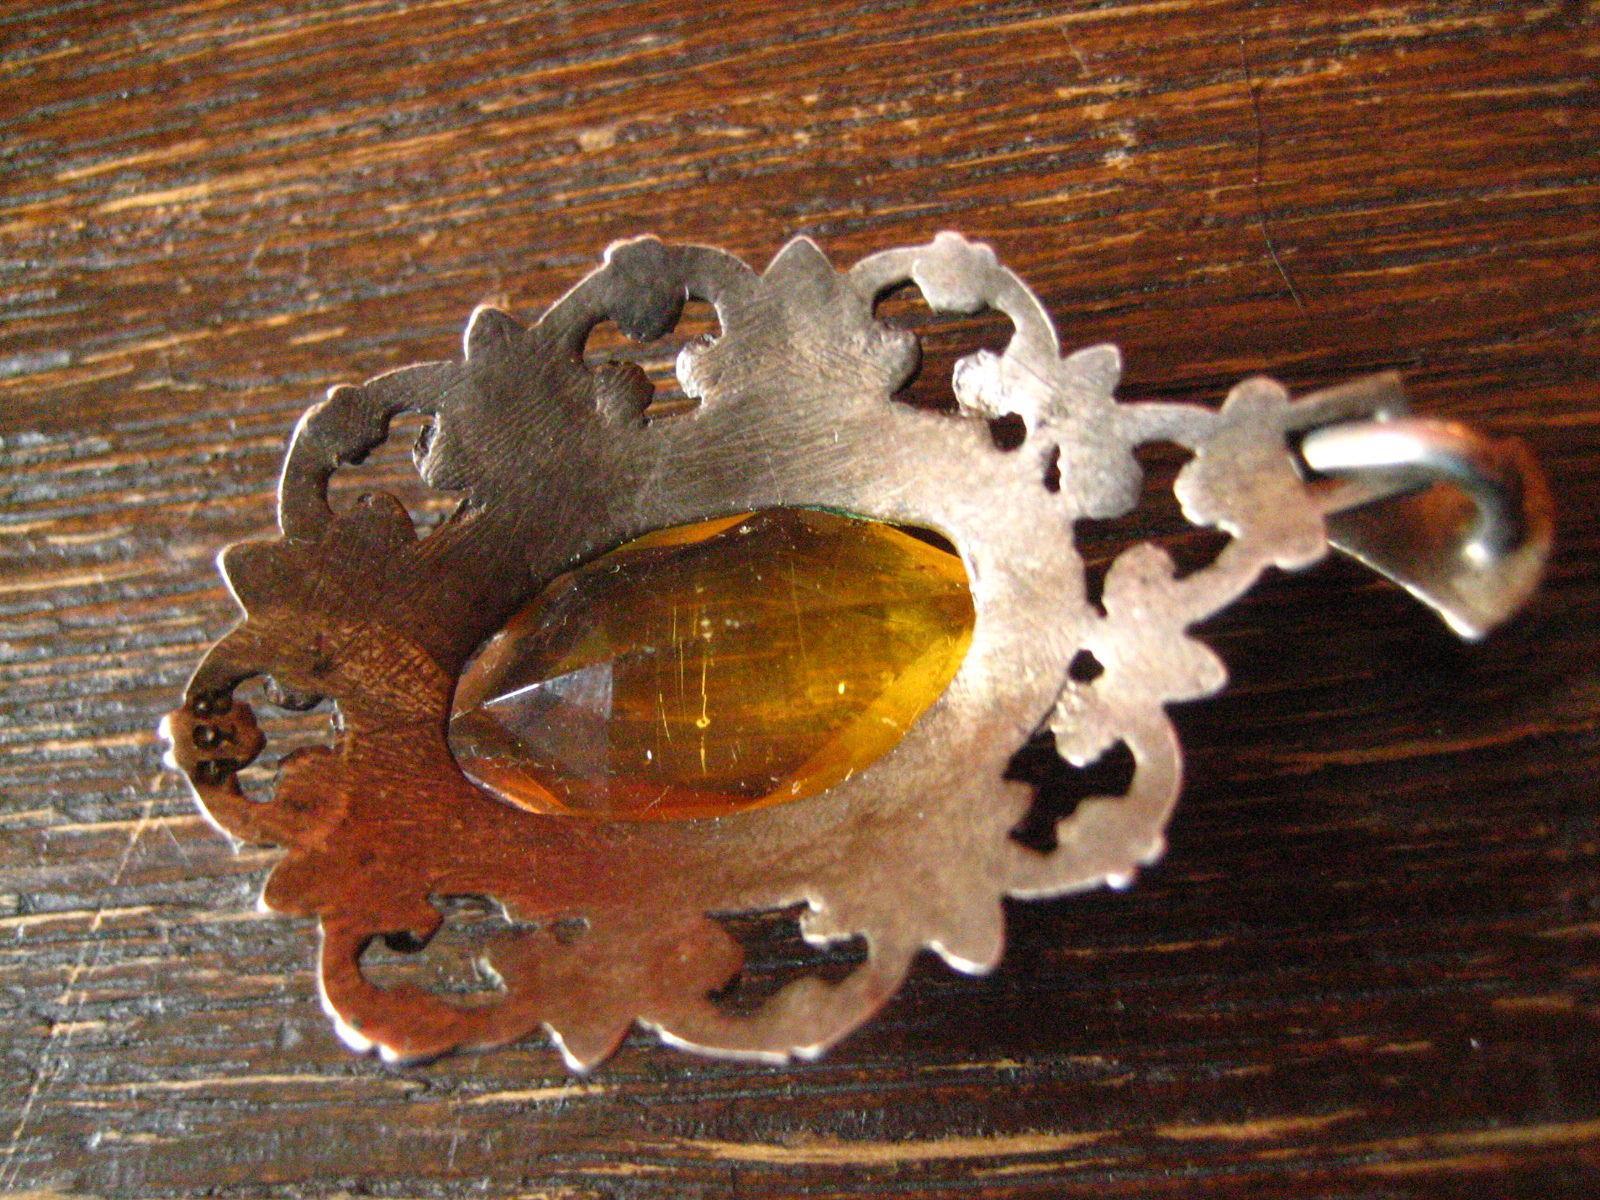 reich-verzierter-art-deco-835er-silber-anhnger-mit-topas-stein-gelb-orange Verwunderlich Reich Werden Mit Silber Dekorationen